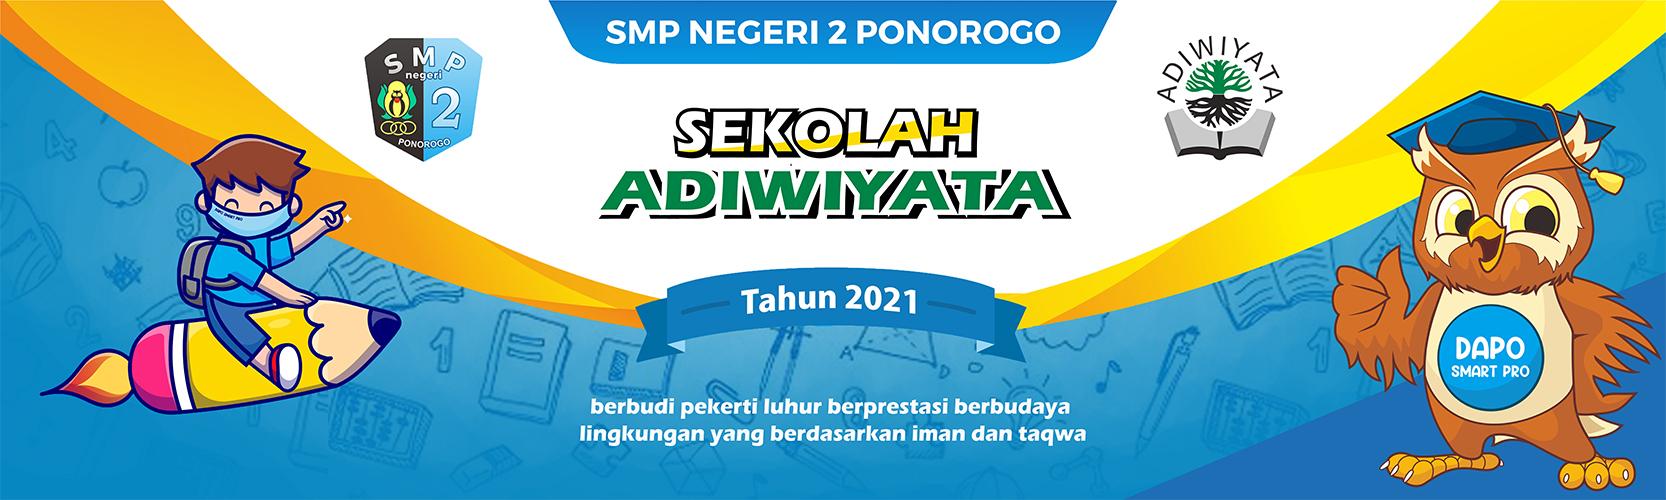 banner adiwiyata